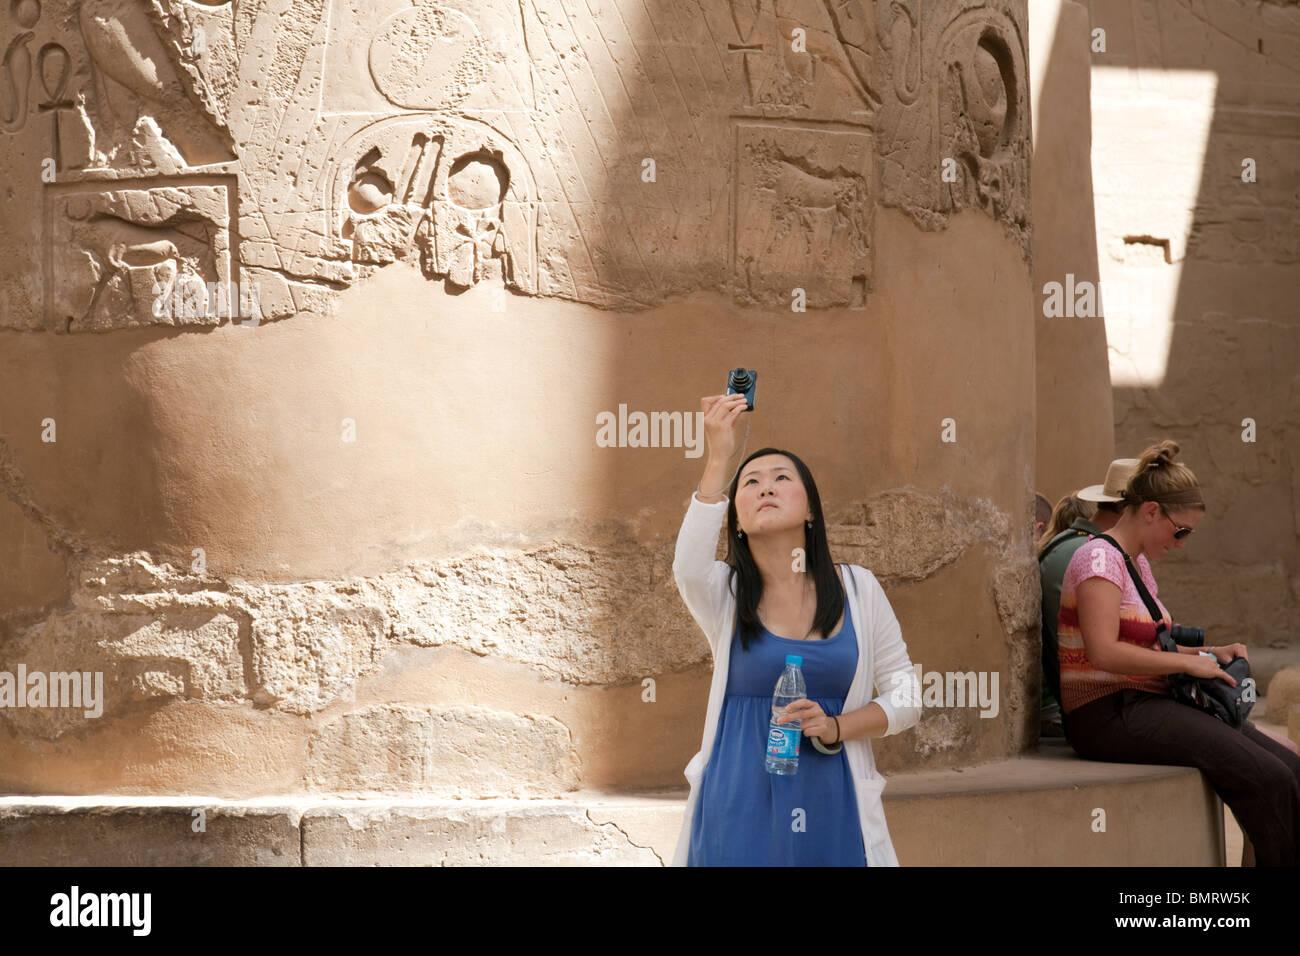 Tourists taking photos  in Karnak Temple, Luxor, Egypt Stock Photo